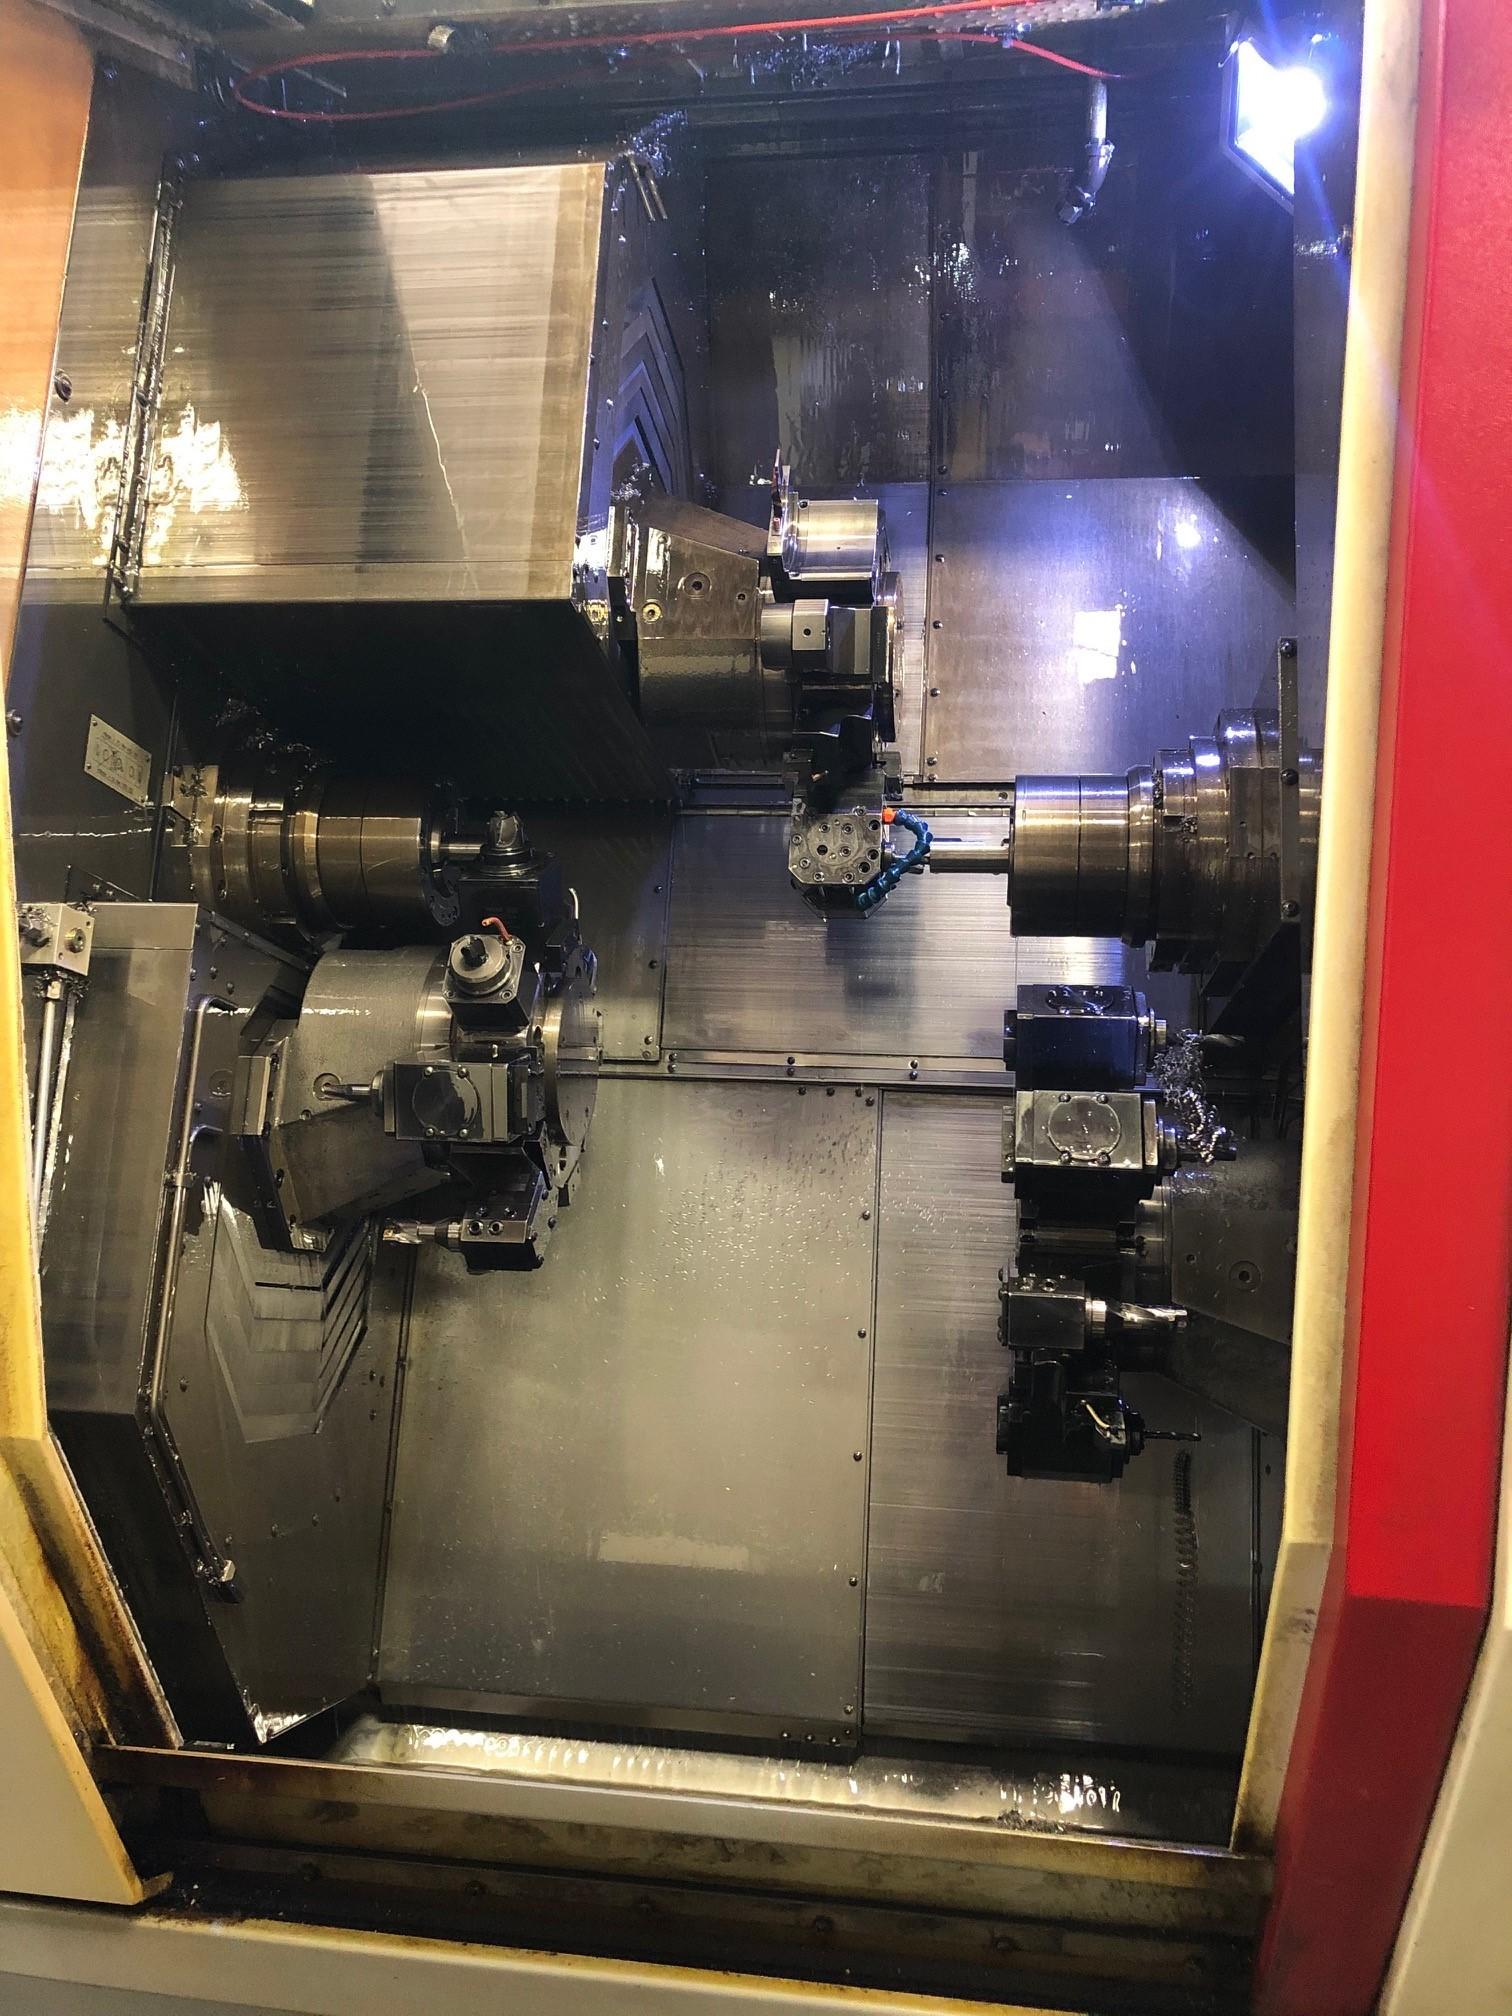 Traub TNX 65/42 CNC Lathe (2006) Live Tool Heads for Z&X axis (static stay) Tool Monitoring system Traub TX 8i-S CNC Control